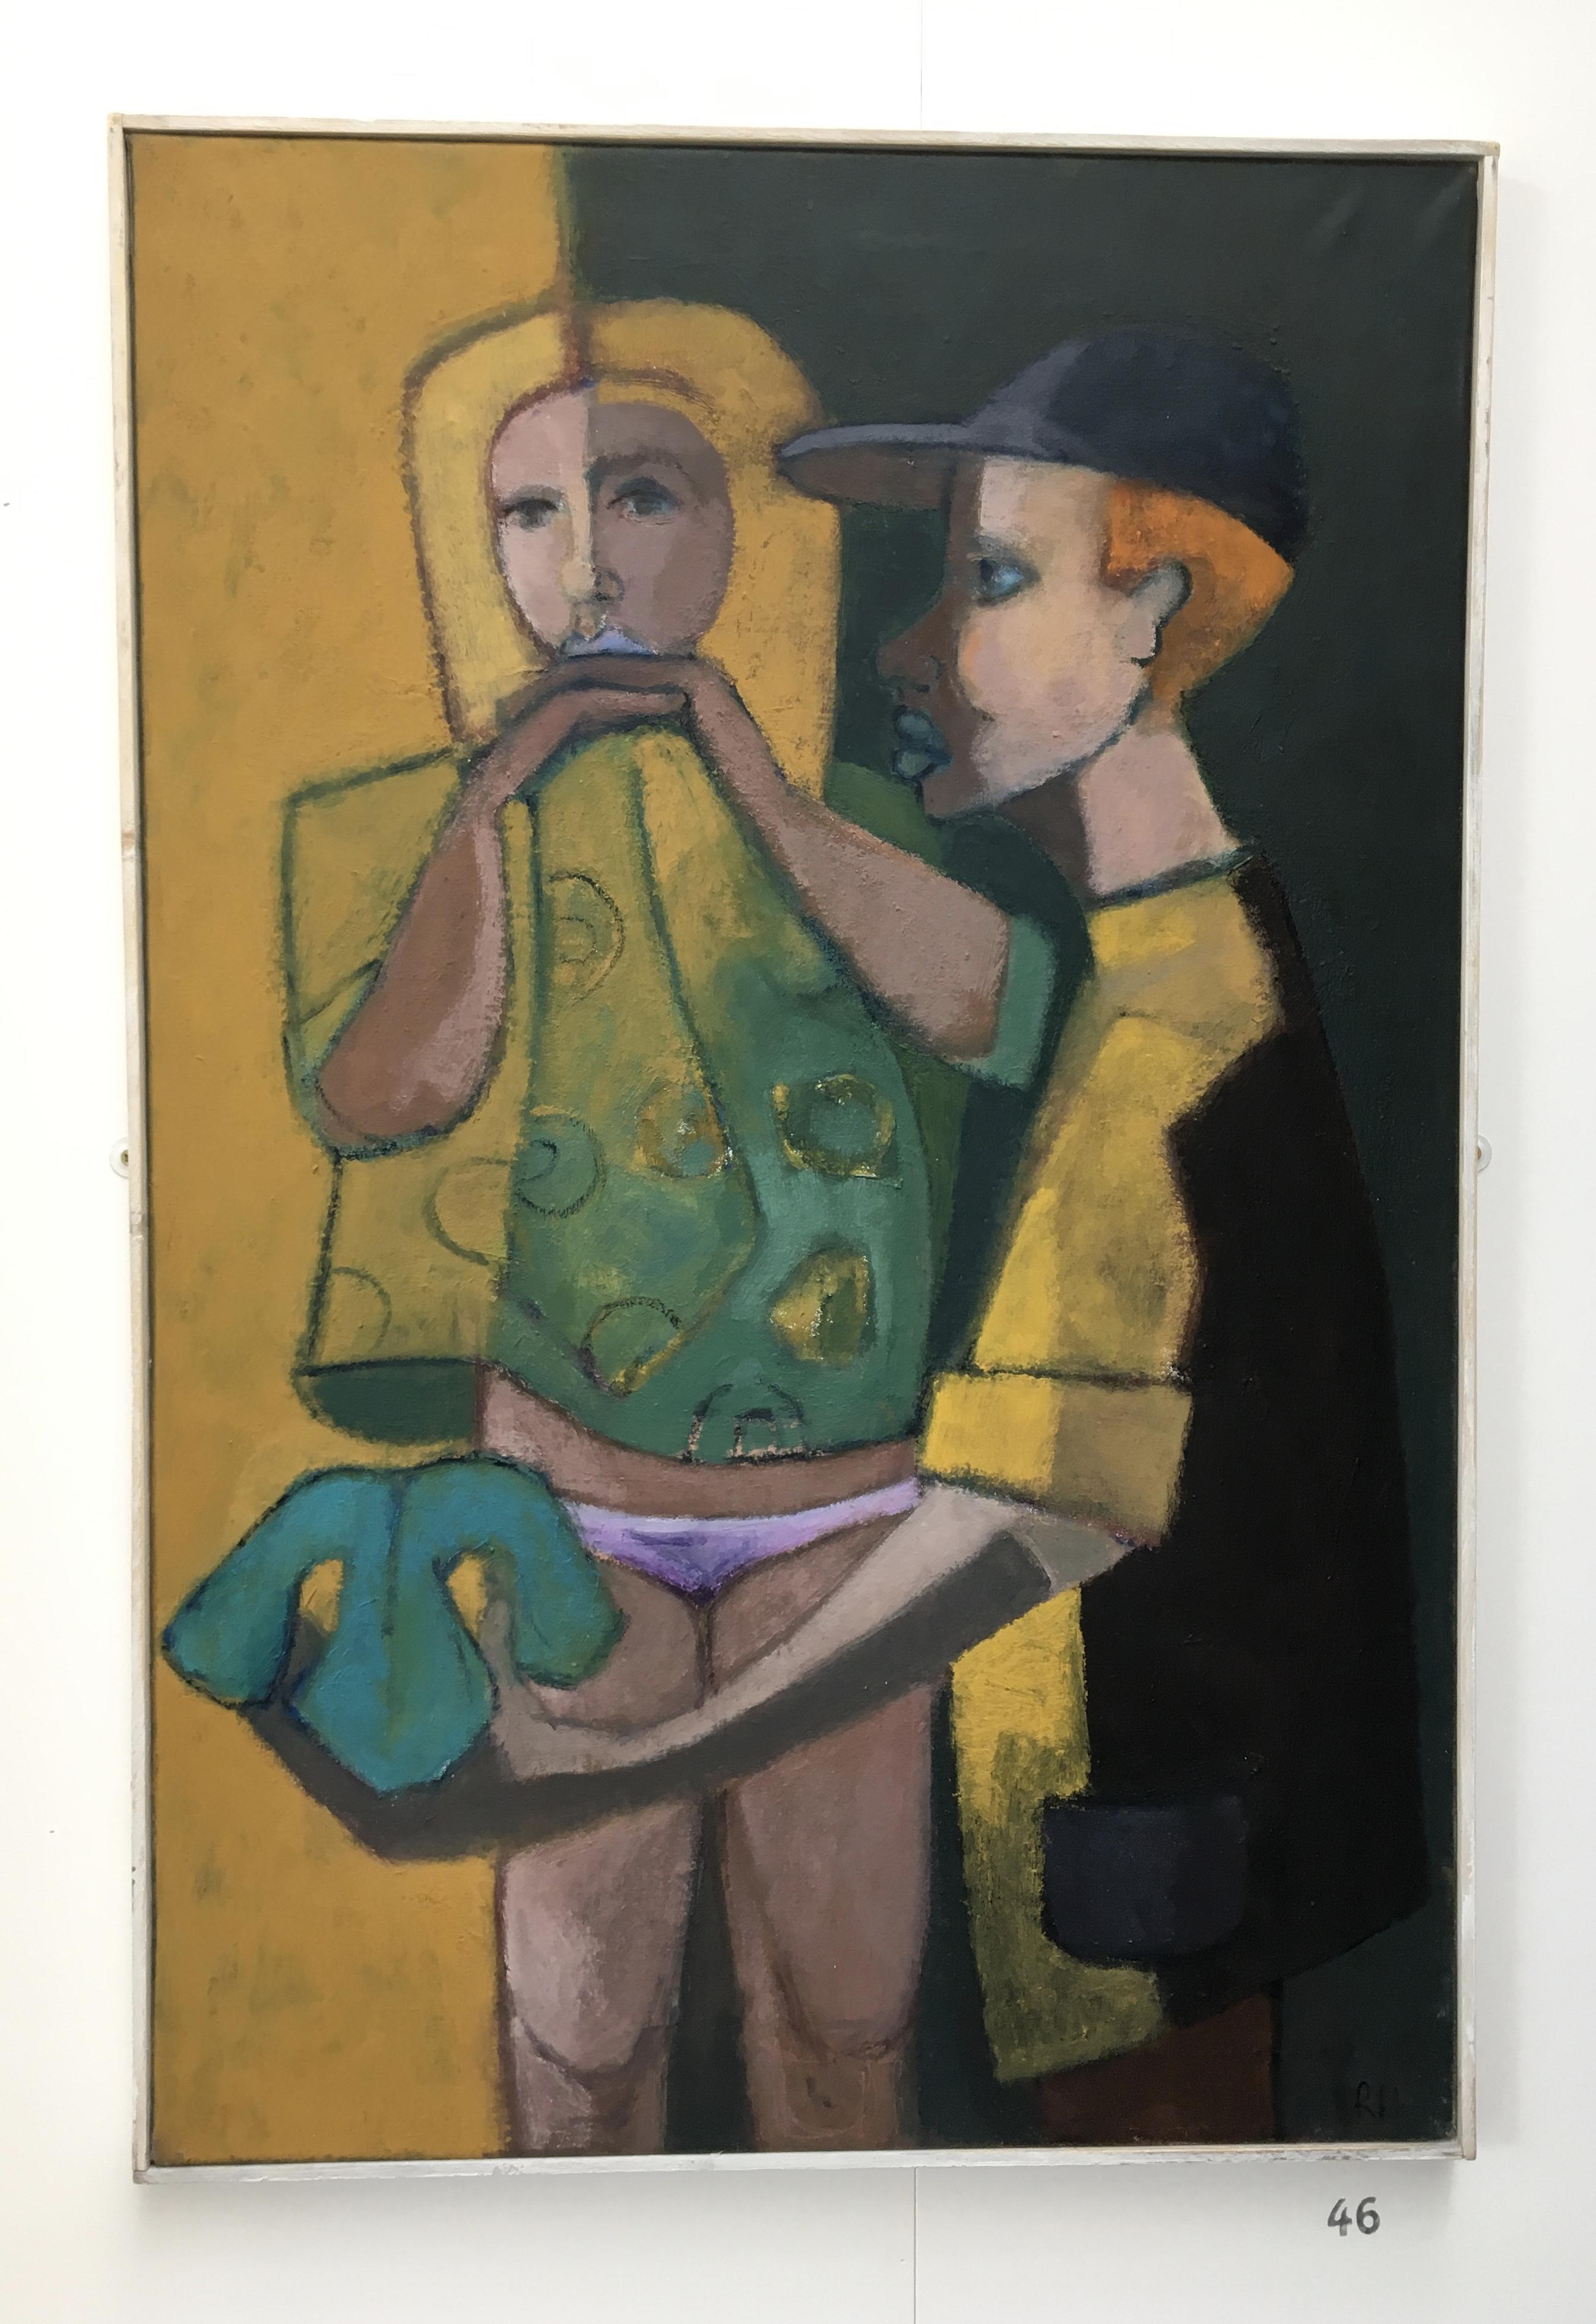 46. Temptation, Robin Warnes, 62.5 x 93 x 3, £ offers